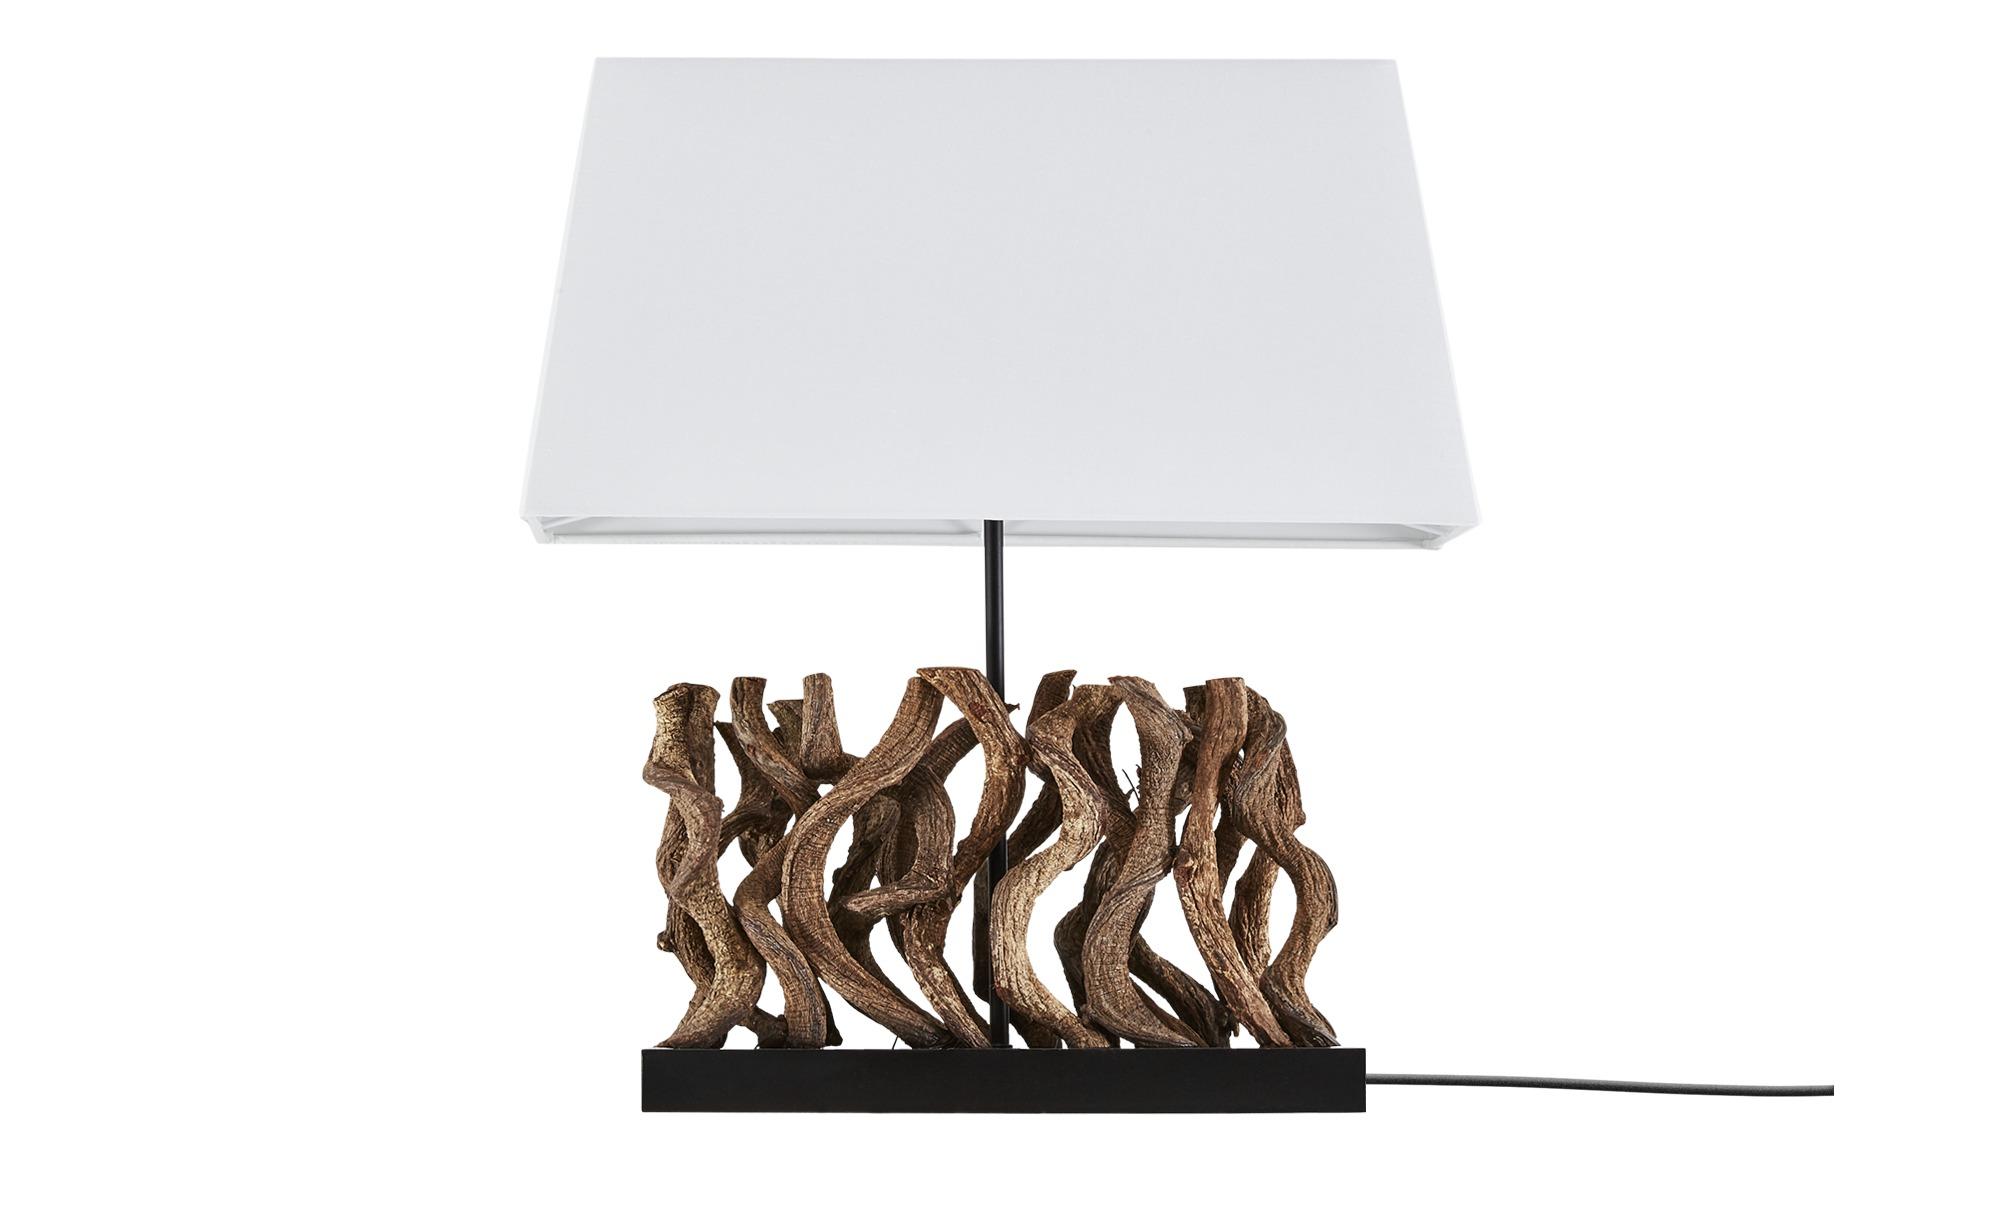 HOME STORY Tischleuchte, 1-flammig mit Holzdekor ¦ holzfarben ¦ Maße (cm): B: 20 H: 54 Lampen & Leuchten > Innenleuchten > Tischlampen - Höffner